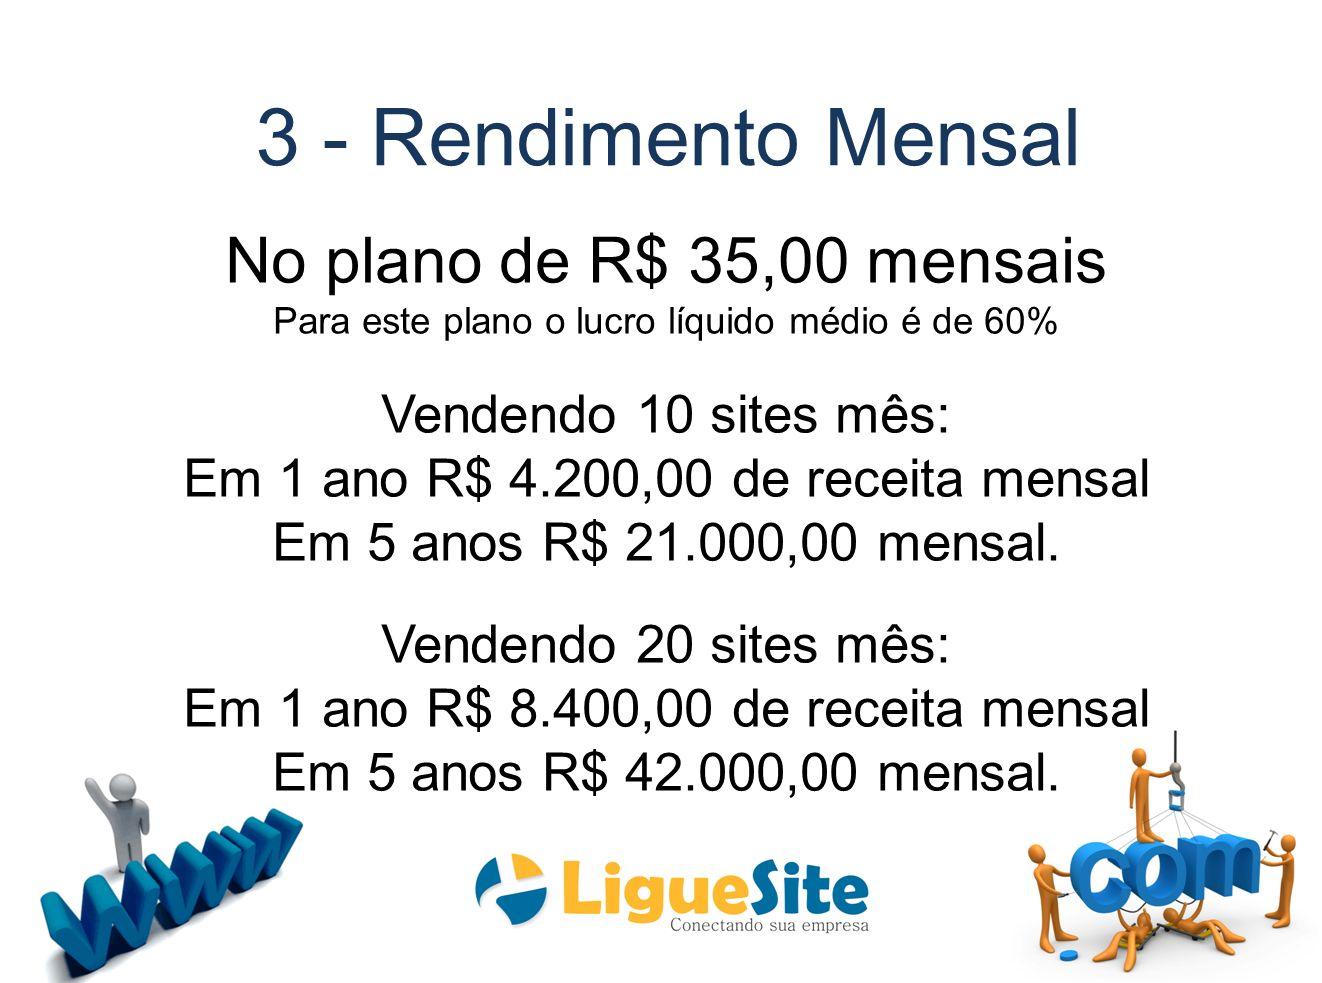 3 - Rendimento Mensal No plano de R$ 35,00 mensais Para este plano o lucro líquido médio é de 60% Vendendo 10 sites mês: Em 1 ano R$ 4.200,00 de recei